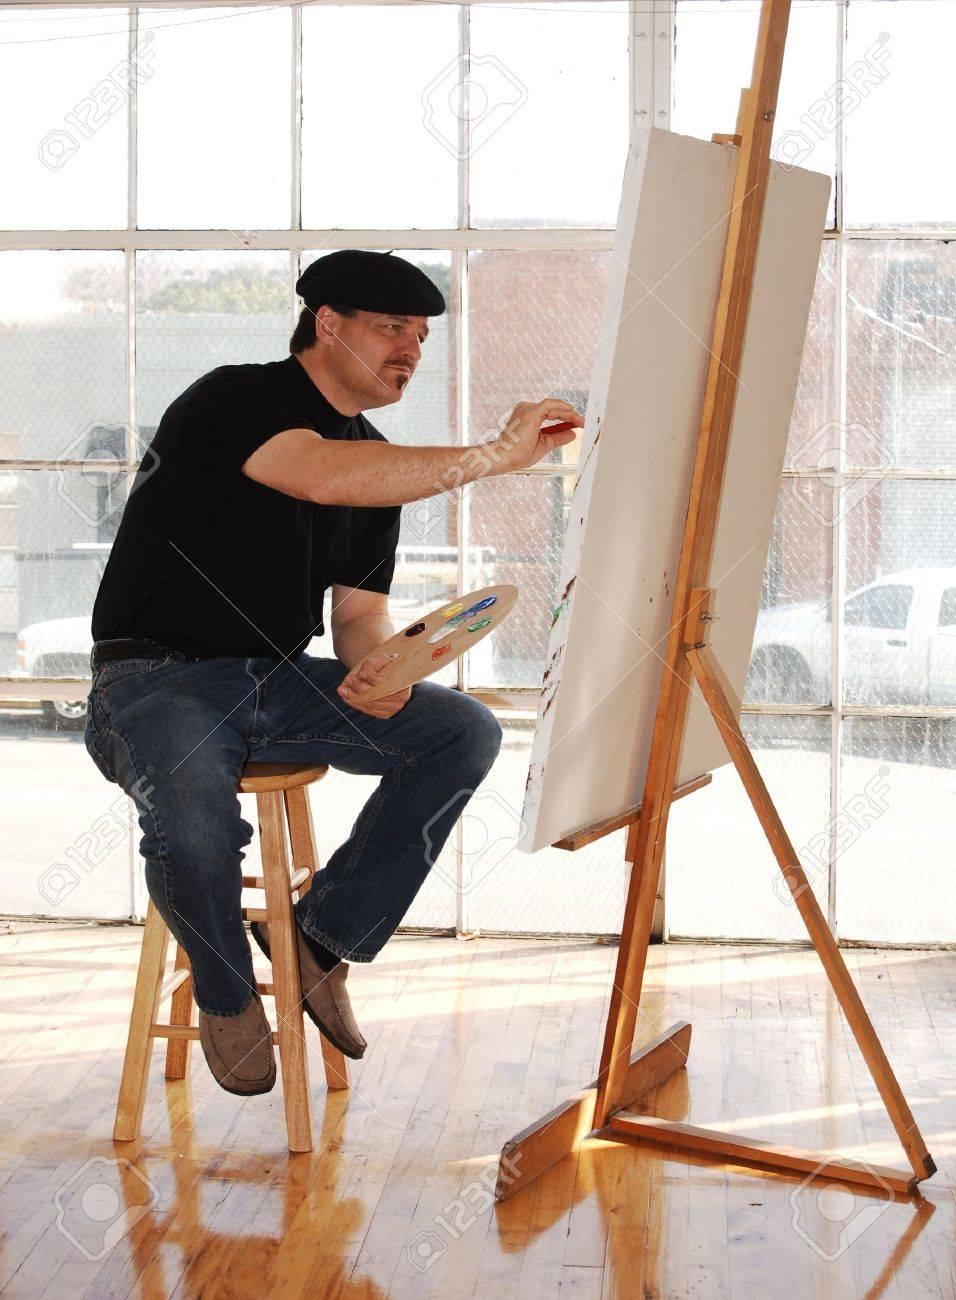 Tenue D Artiste Peintre artiste de peinture sur toile en béret studio de l'usure et la tenue  palette de peinture